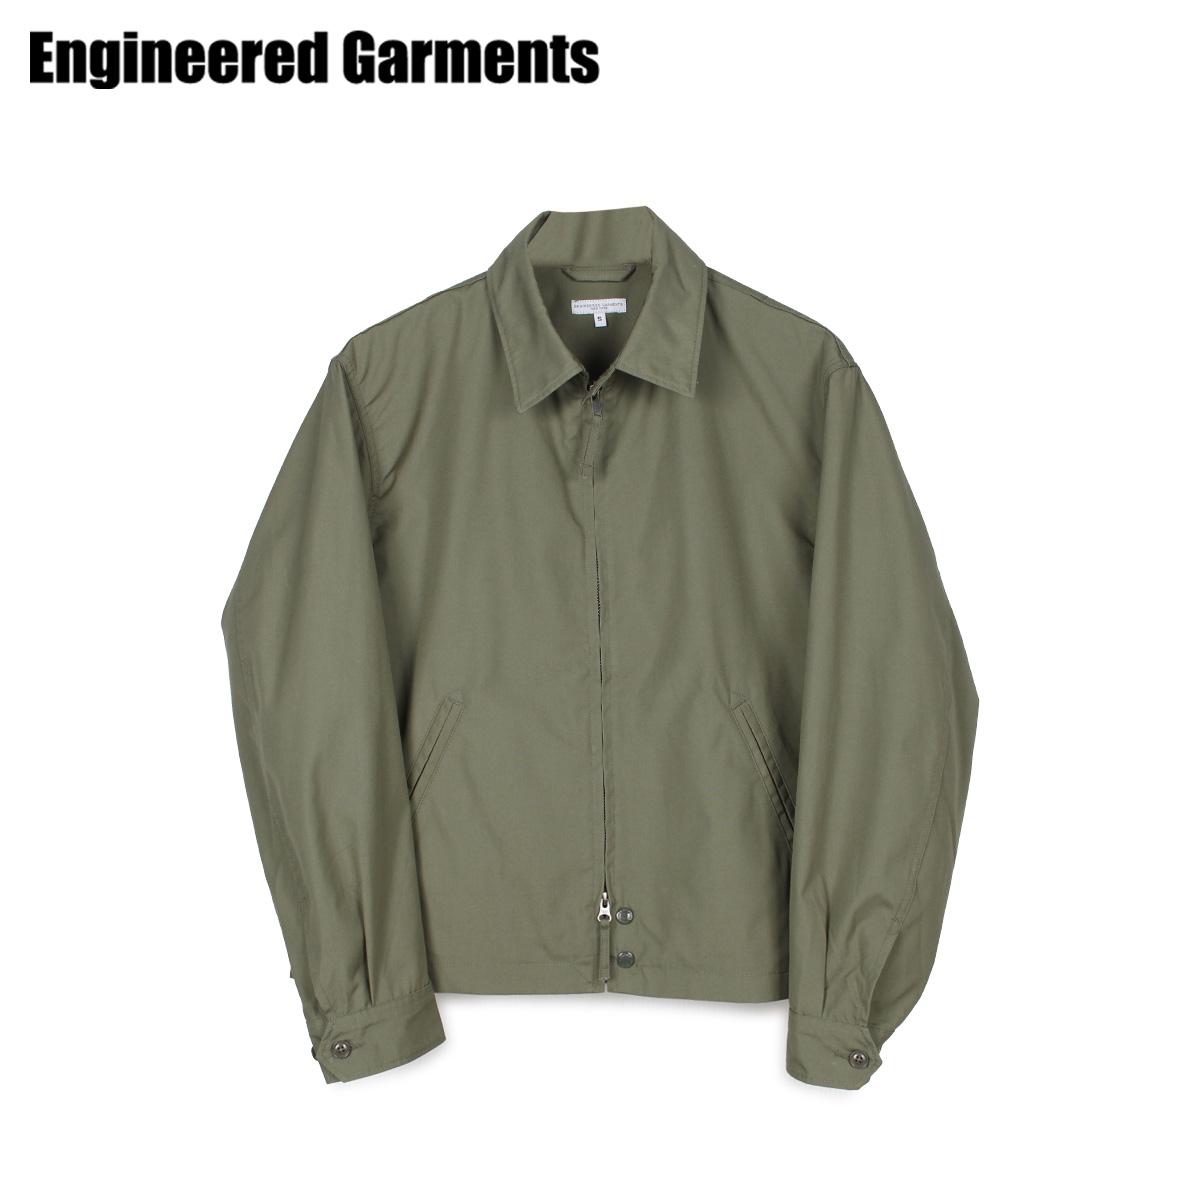 エンジニアドガーメンツ ENGINEERED GARMENTS ジャケット メンズ CLAIGTON JACKET オリーブ 20S1D026